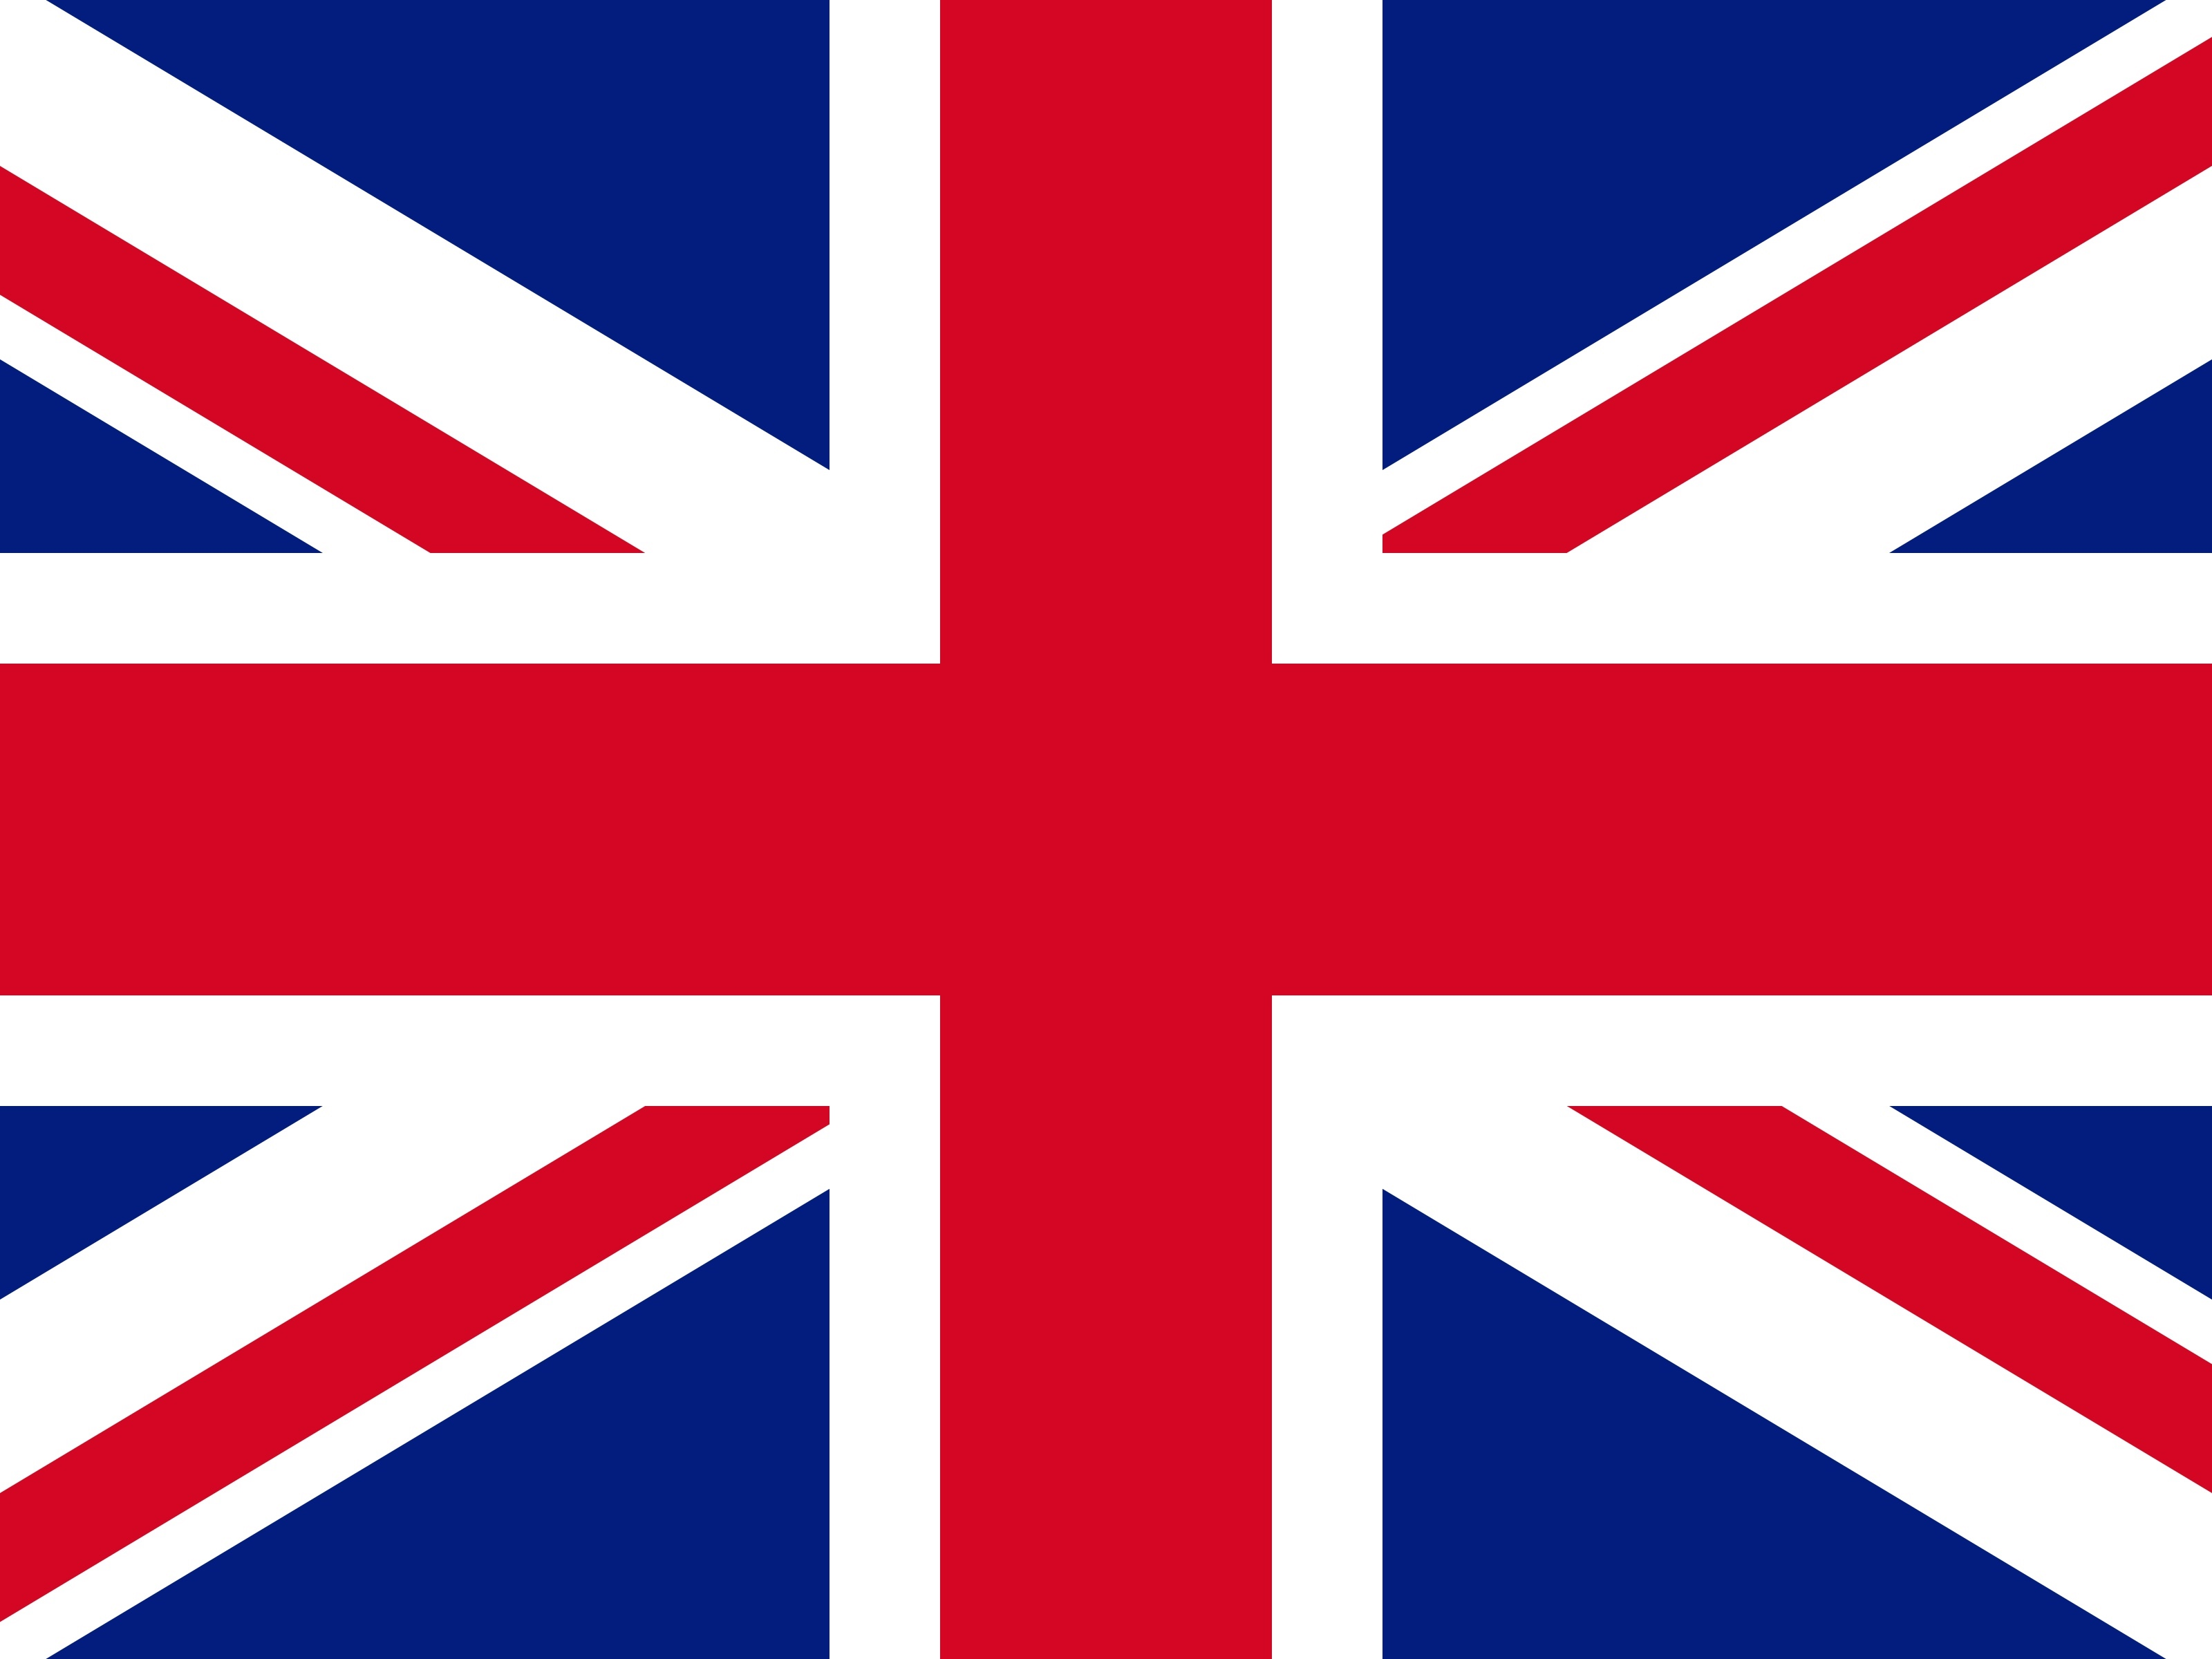 Flagge: Grossbritannien (mit teilweise abgeschnittenen Seitenru00e4ndern)